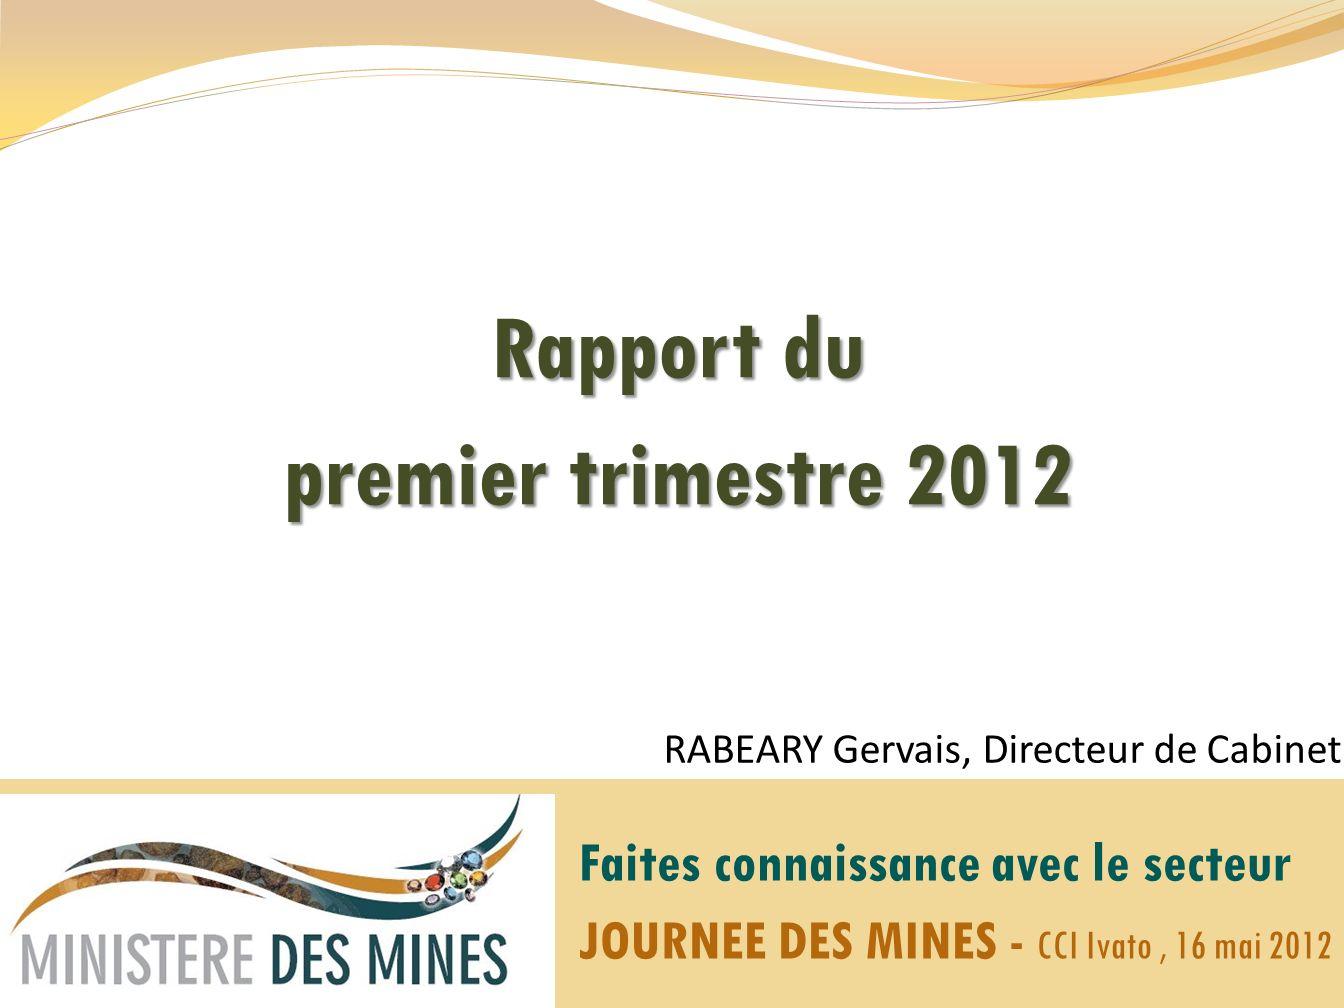 Rapport du premier trimestre 2012